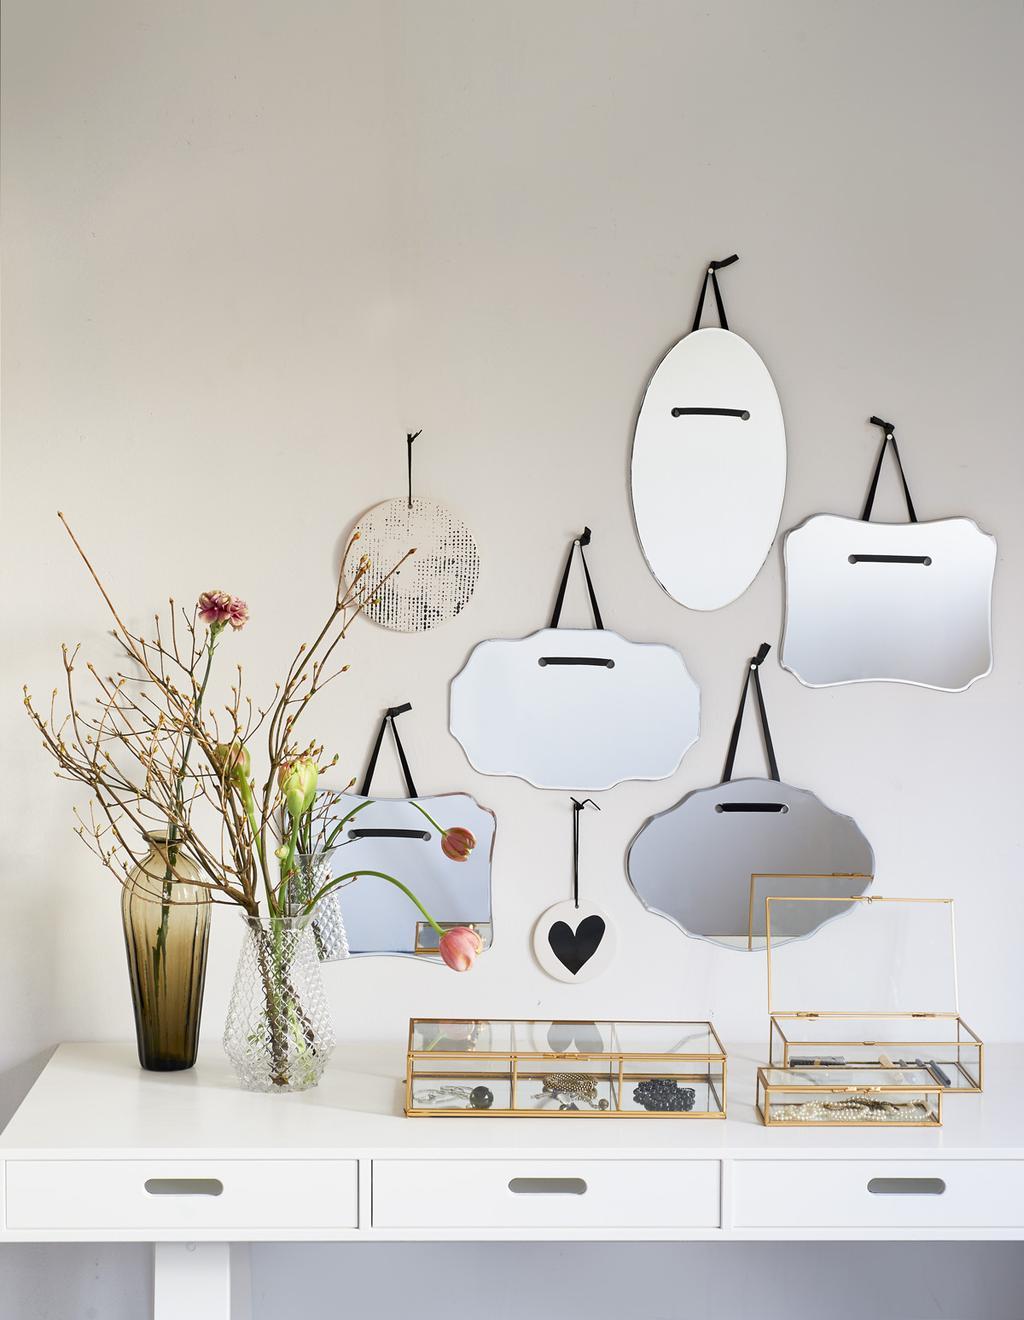 Met spiegels maak je de ruimte zonniger, lichter en ruimer.